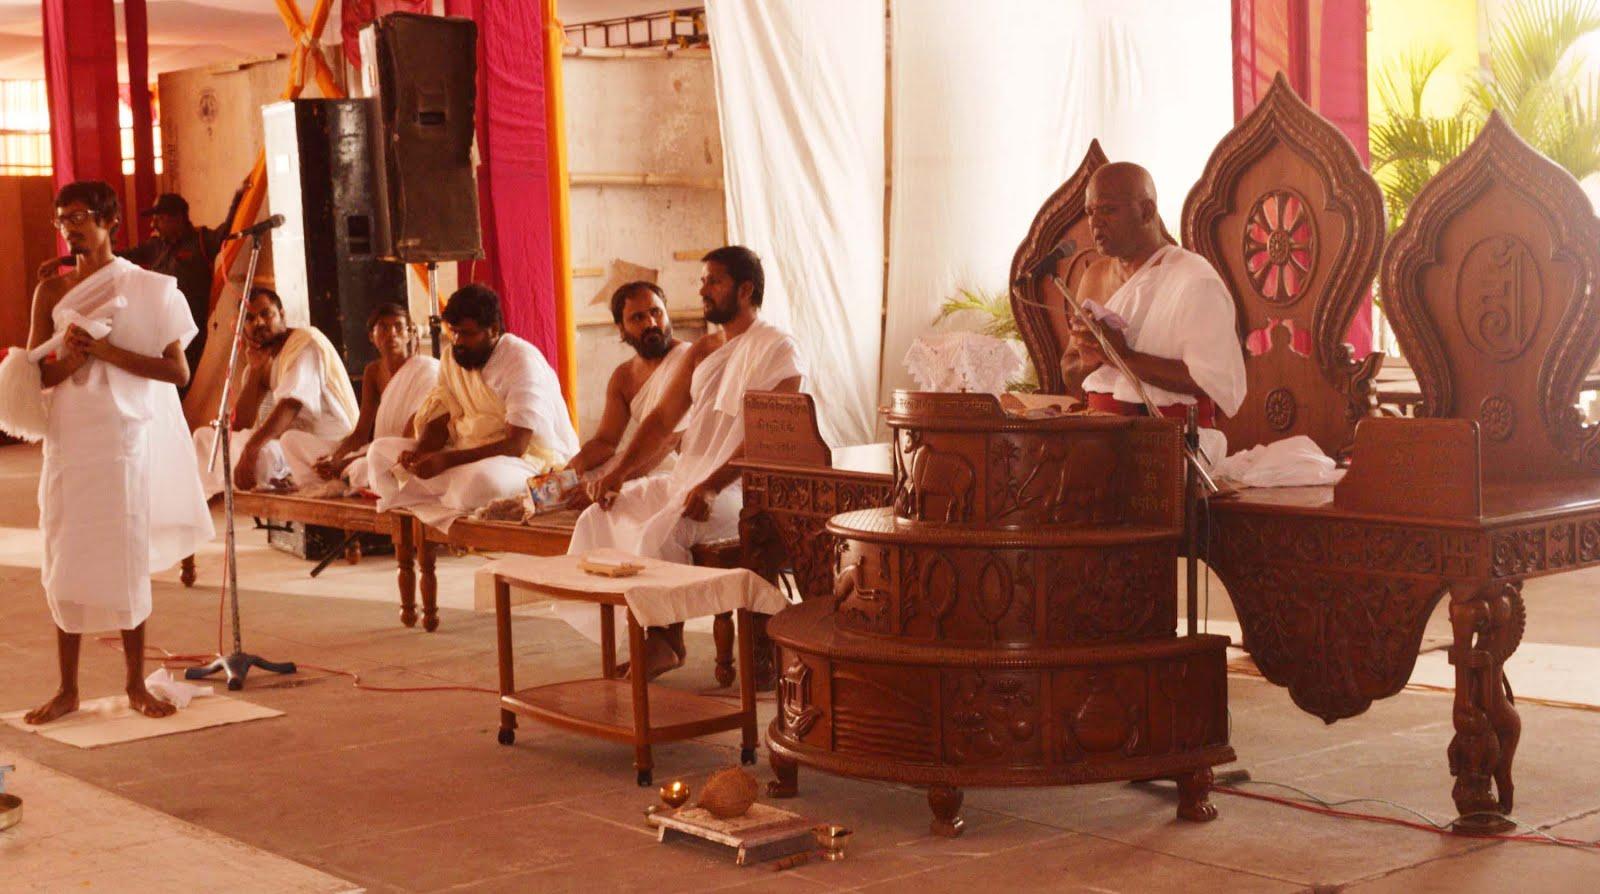 In-the-Mohankheda-pilgrimage-the-initiation-process-started-in-the-eyes-of-Acharyashree-श्री मोहनखेडा तीर्थ में आचार्यश्री की निश्रा में वृहत्त दीक्षा विधि प्रारम्भ हुई